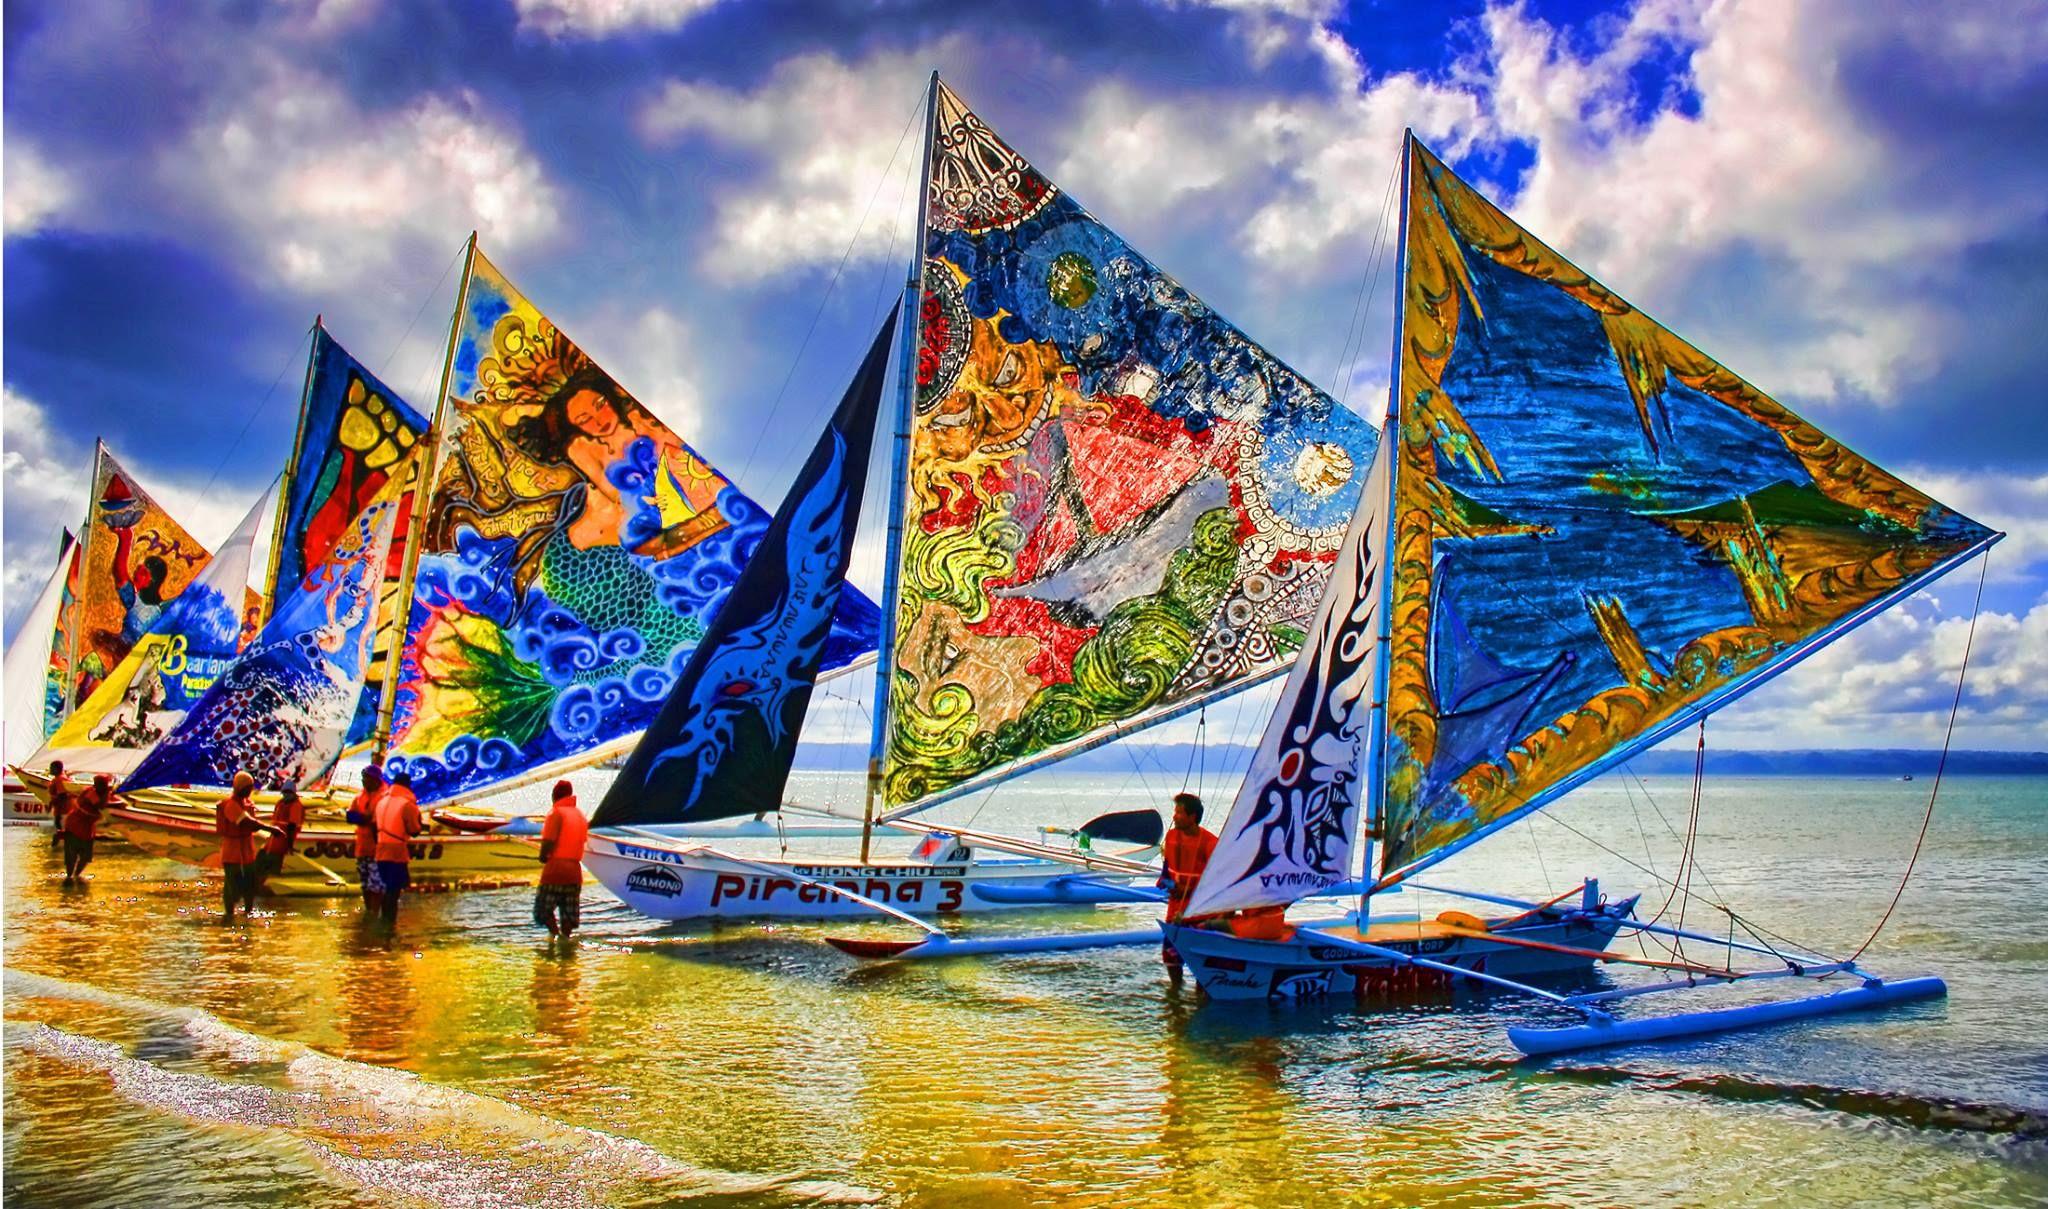 Tutti Gli Anni, A Febbraio, Il Festival Paraw Regatta Riunisce